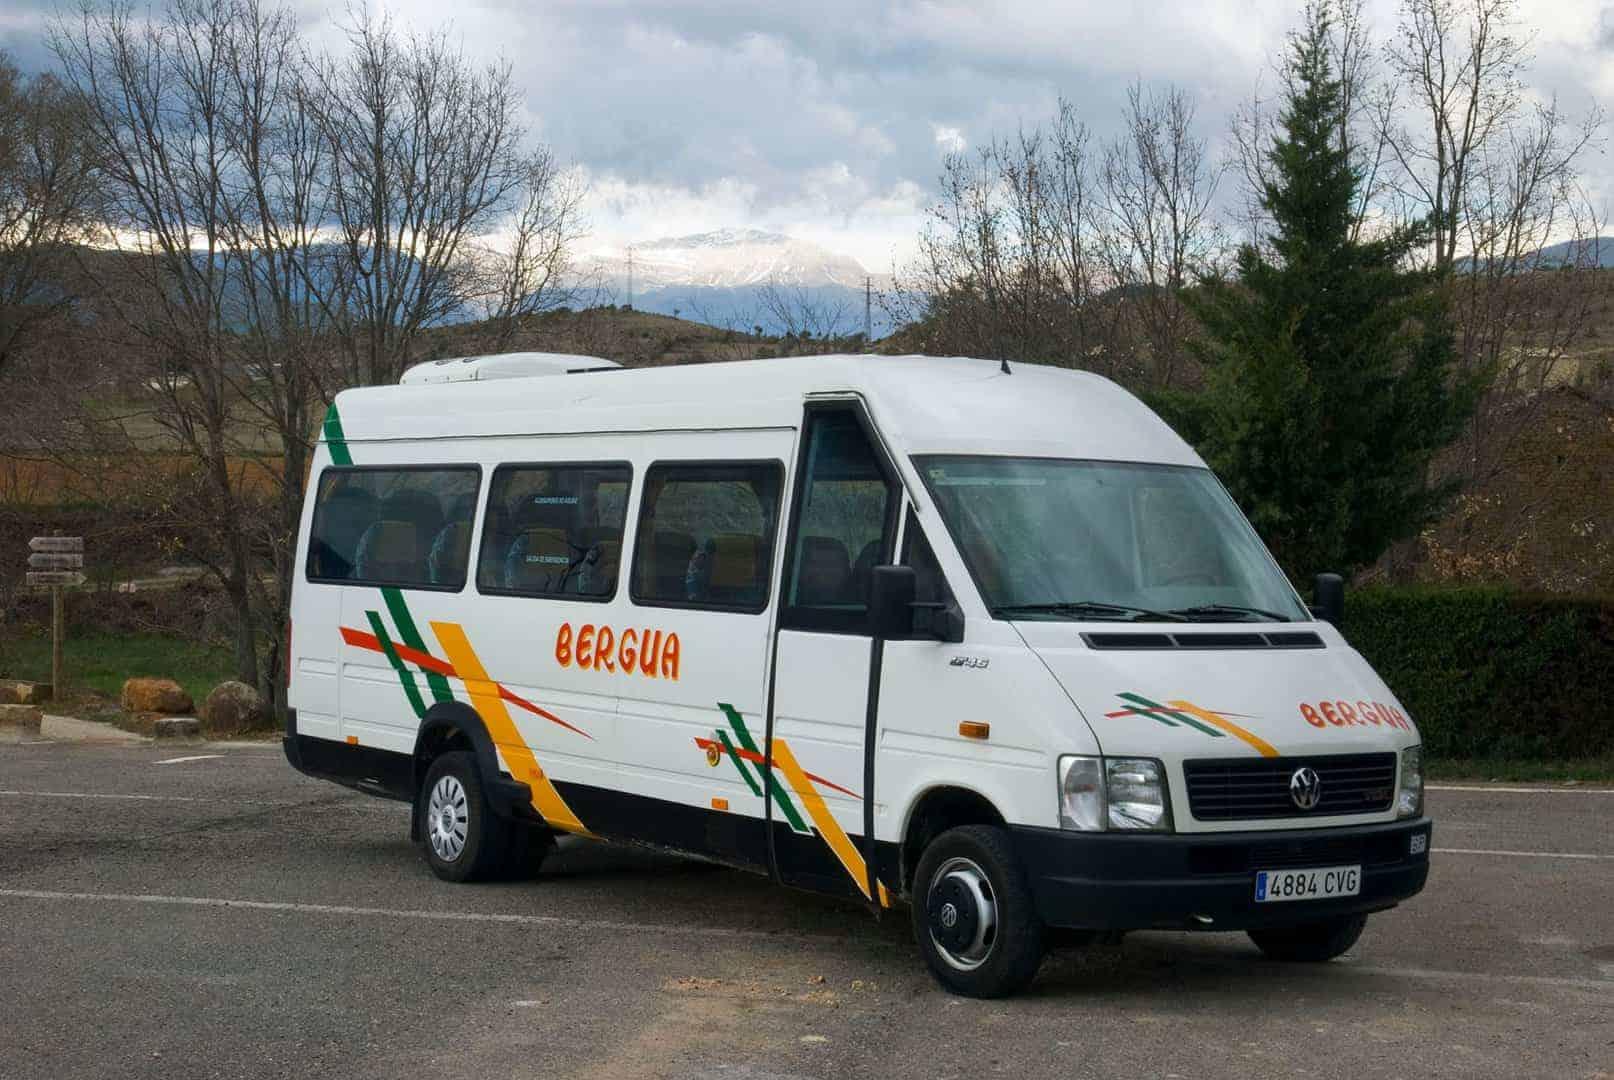 4884CVG-3 Bergua